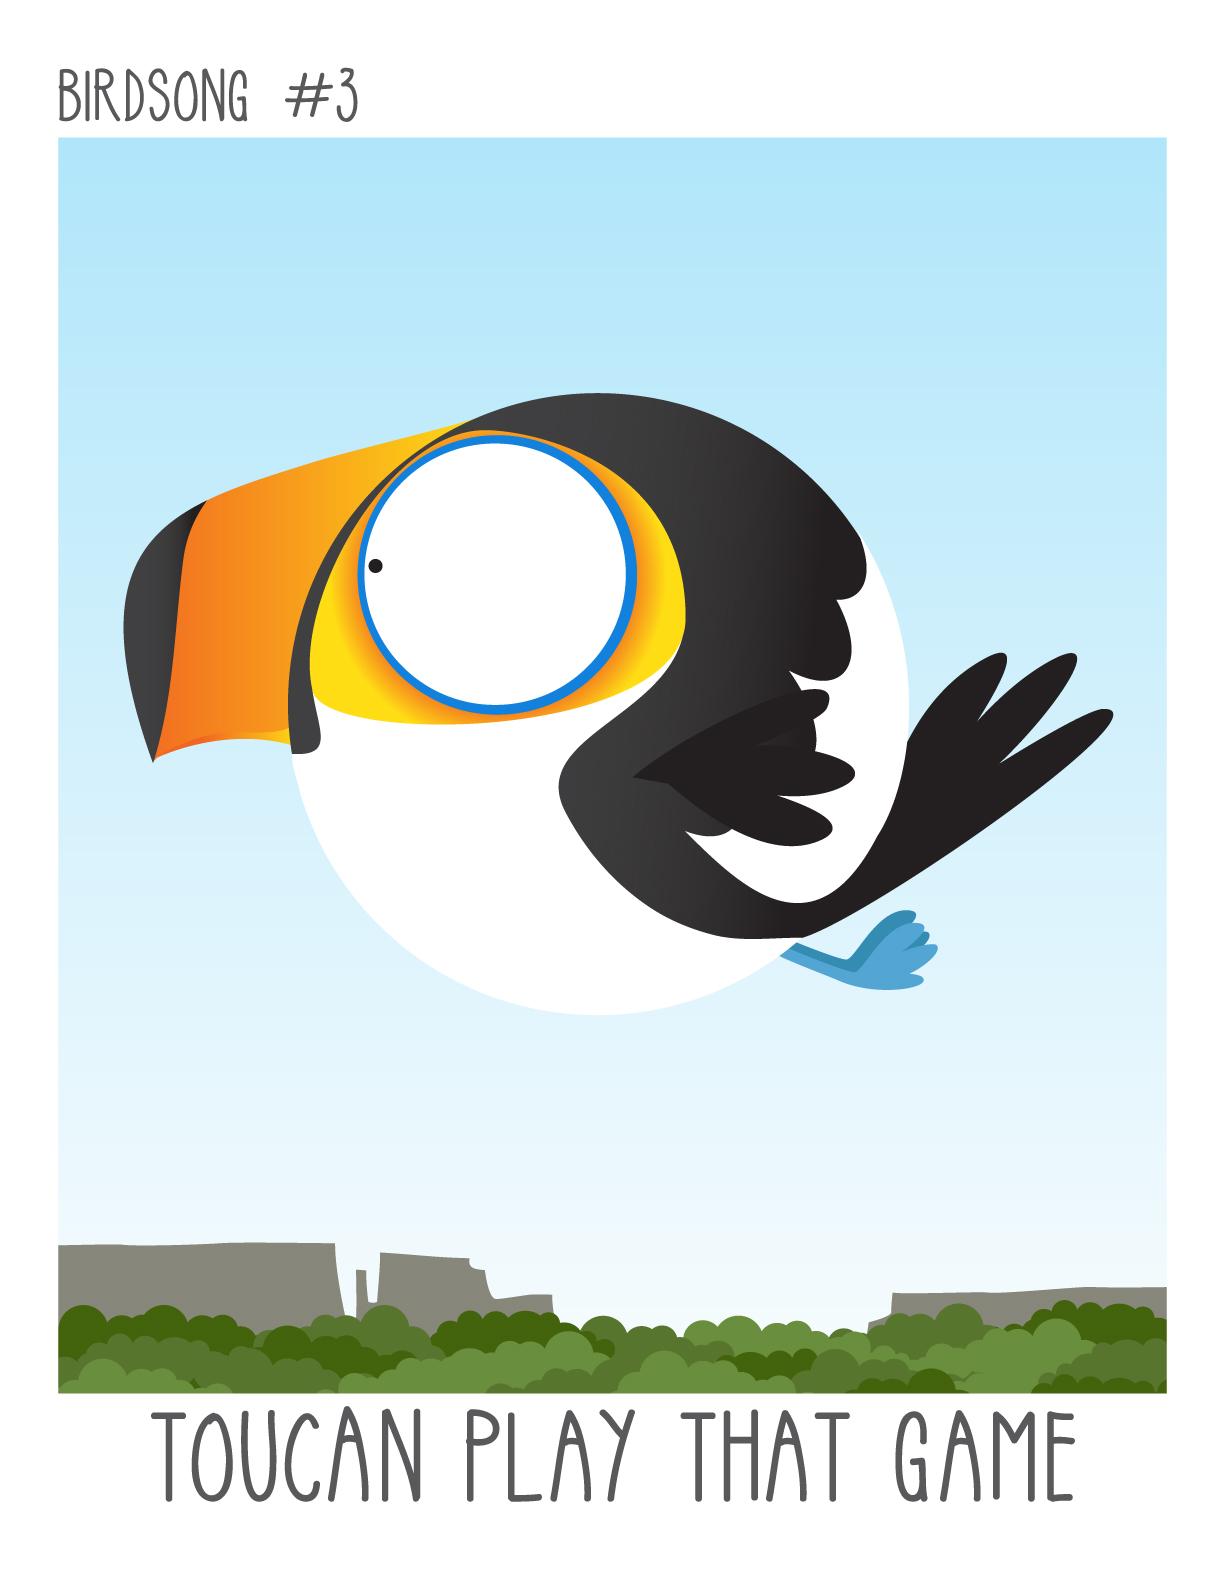 Bird song #3 Toucan.jpg